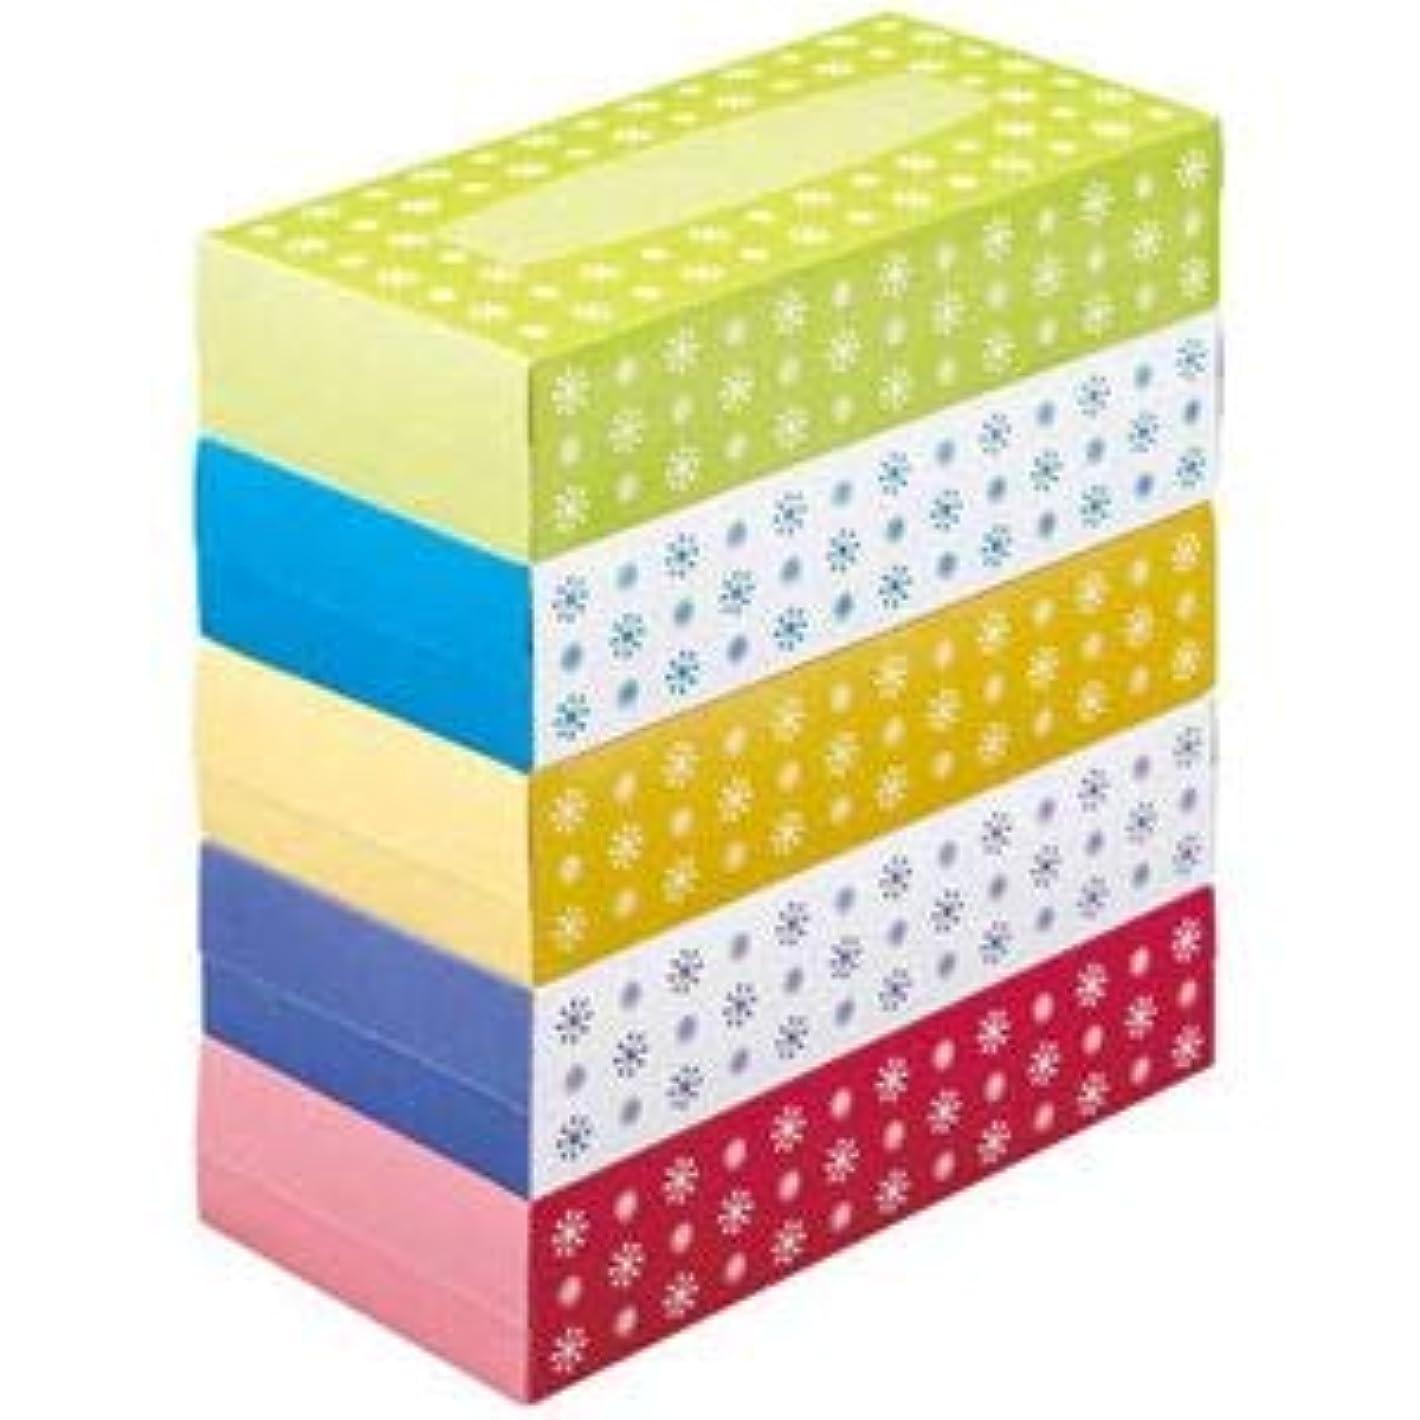 静的マウントナース(まとめ) スマートバリュー ティッシュペーパー 5箱入 N042J【×10セット】